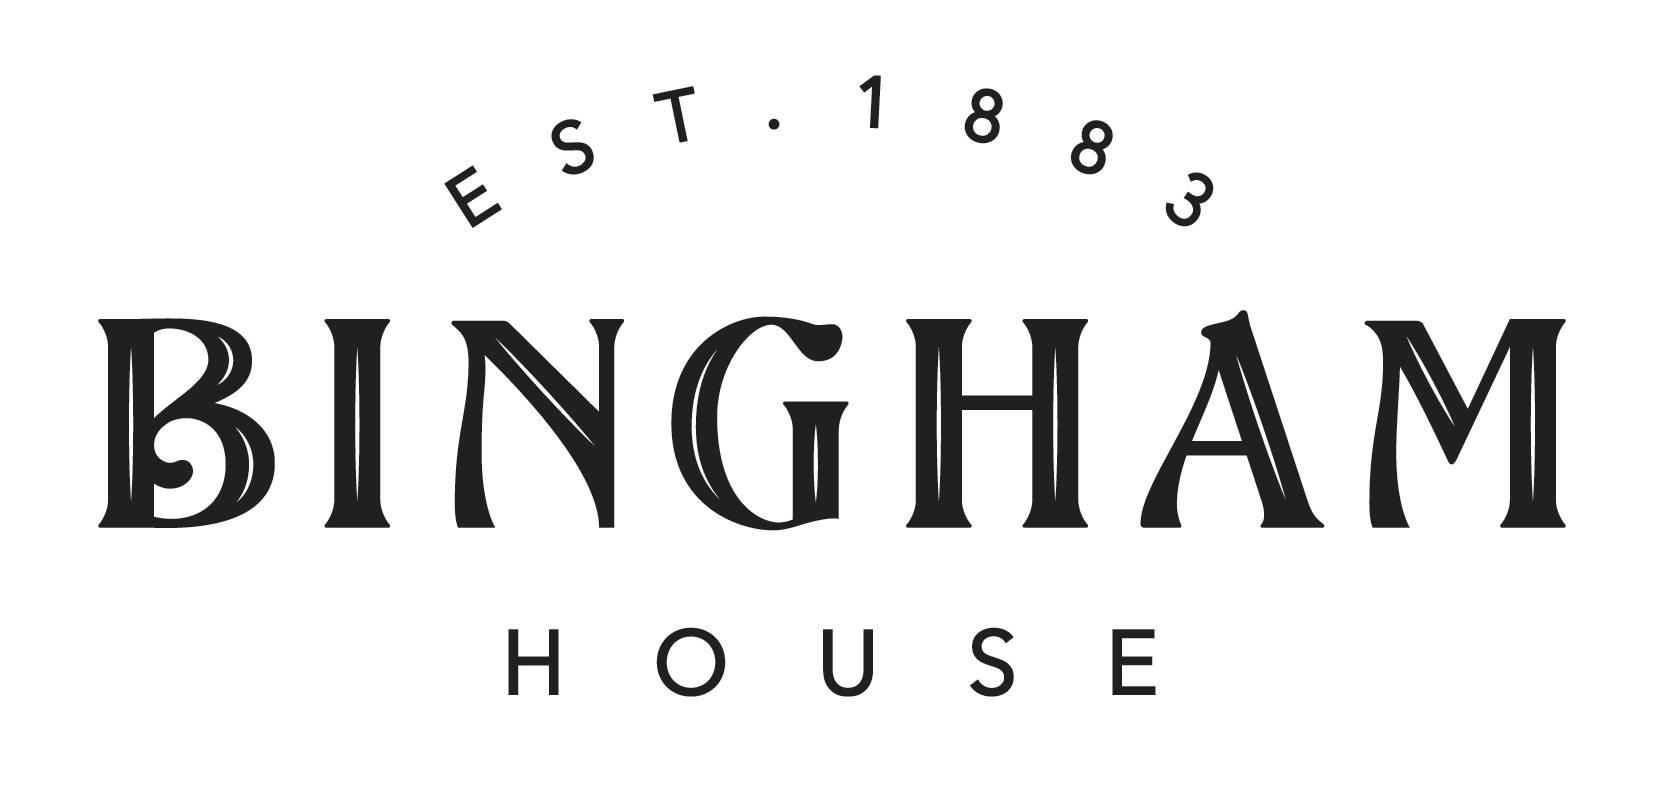 Bingham House Venues